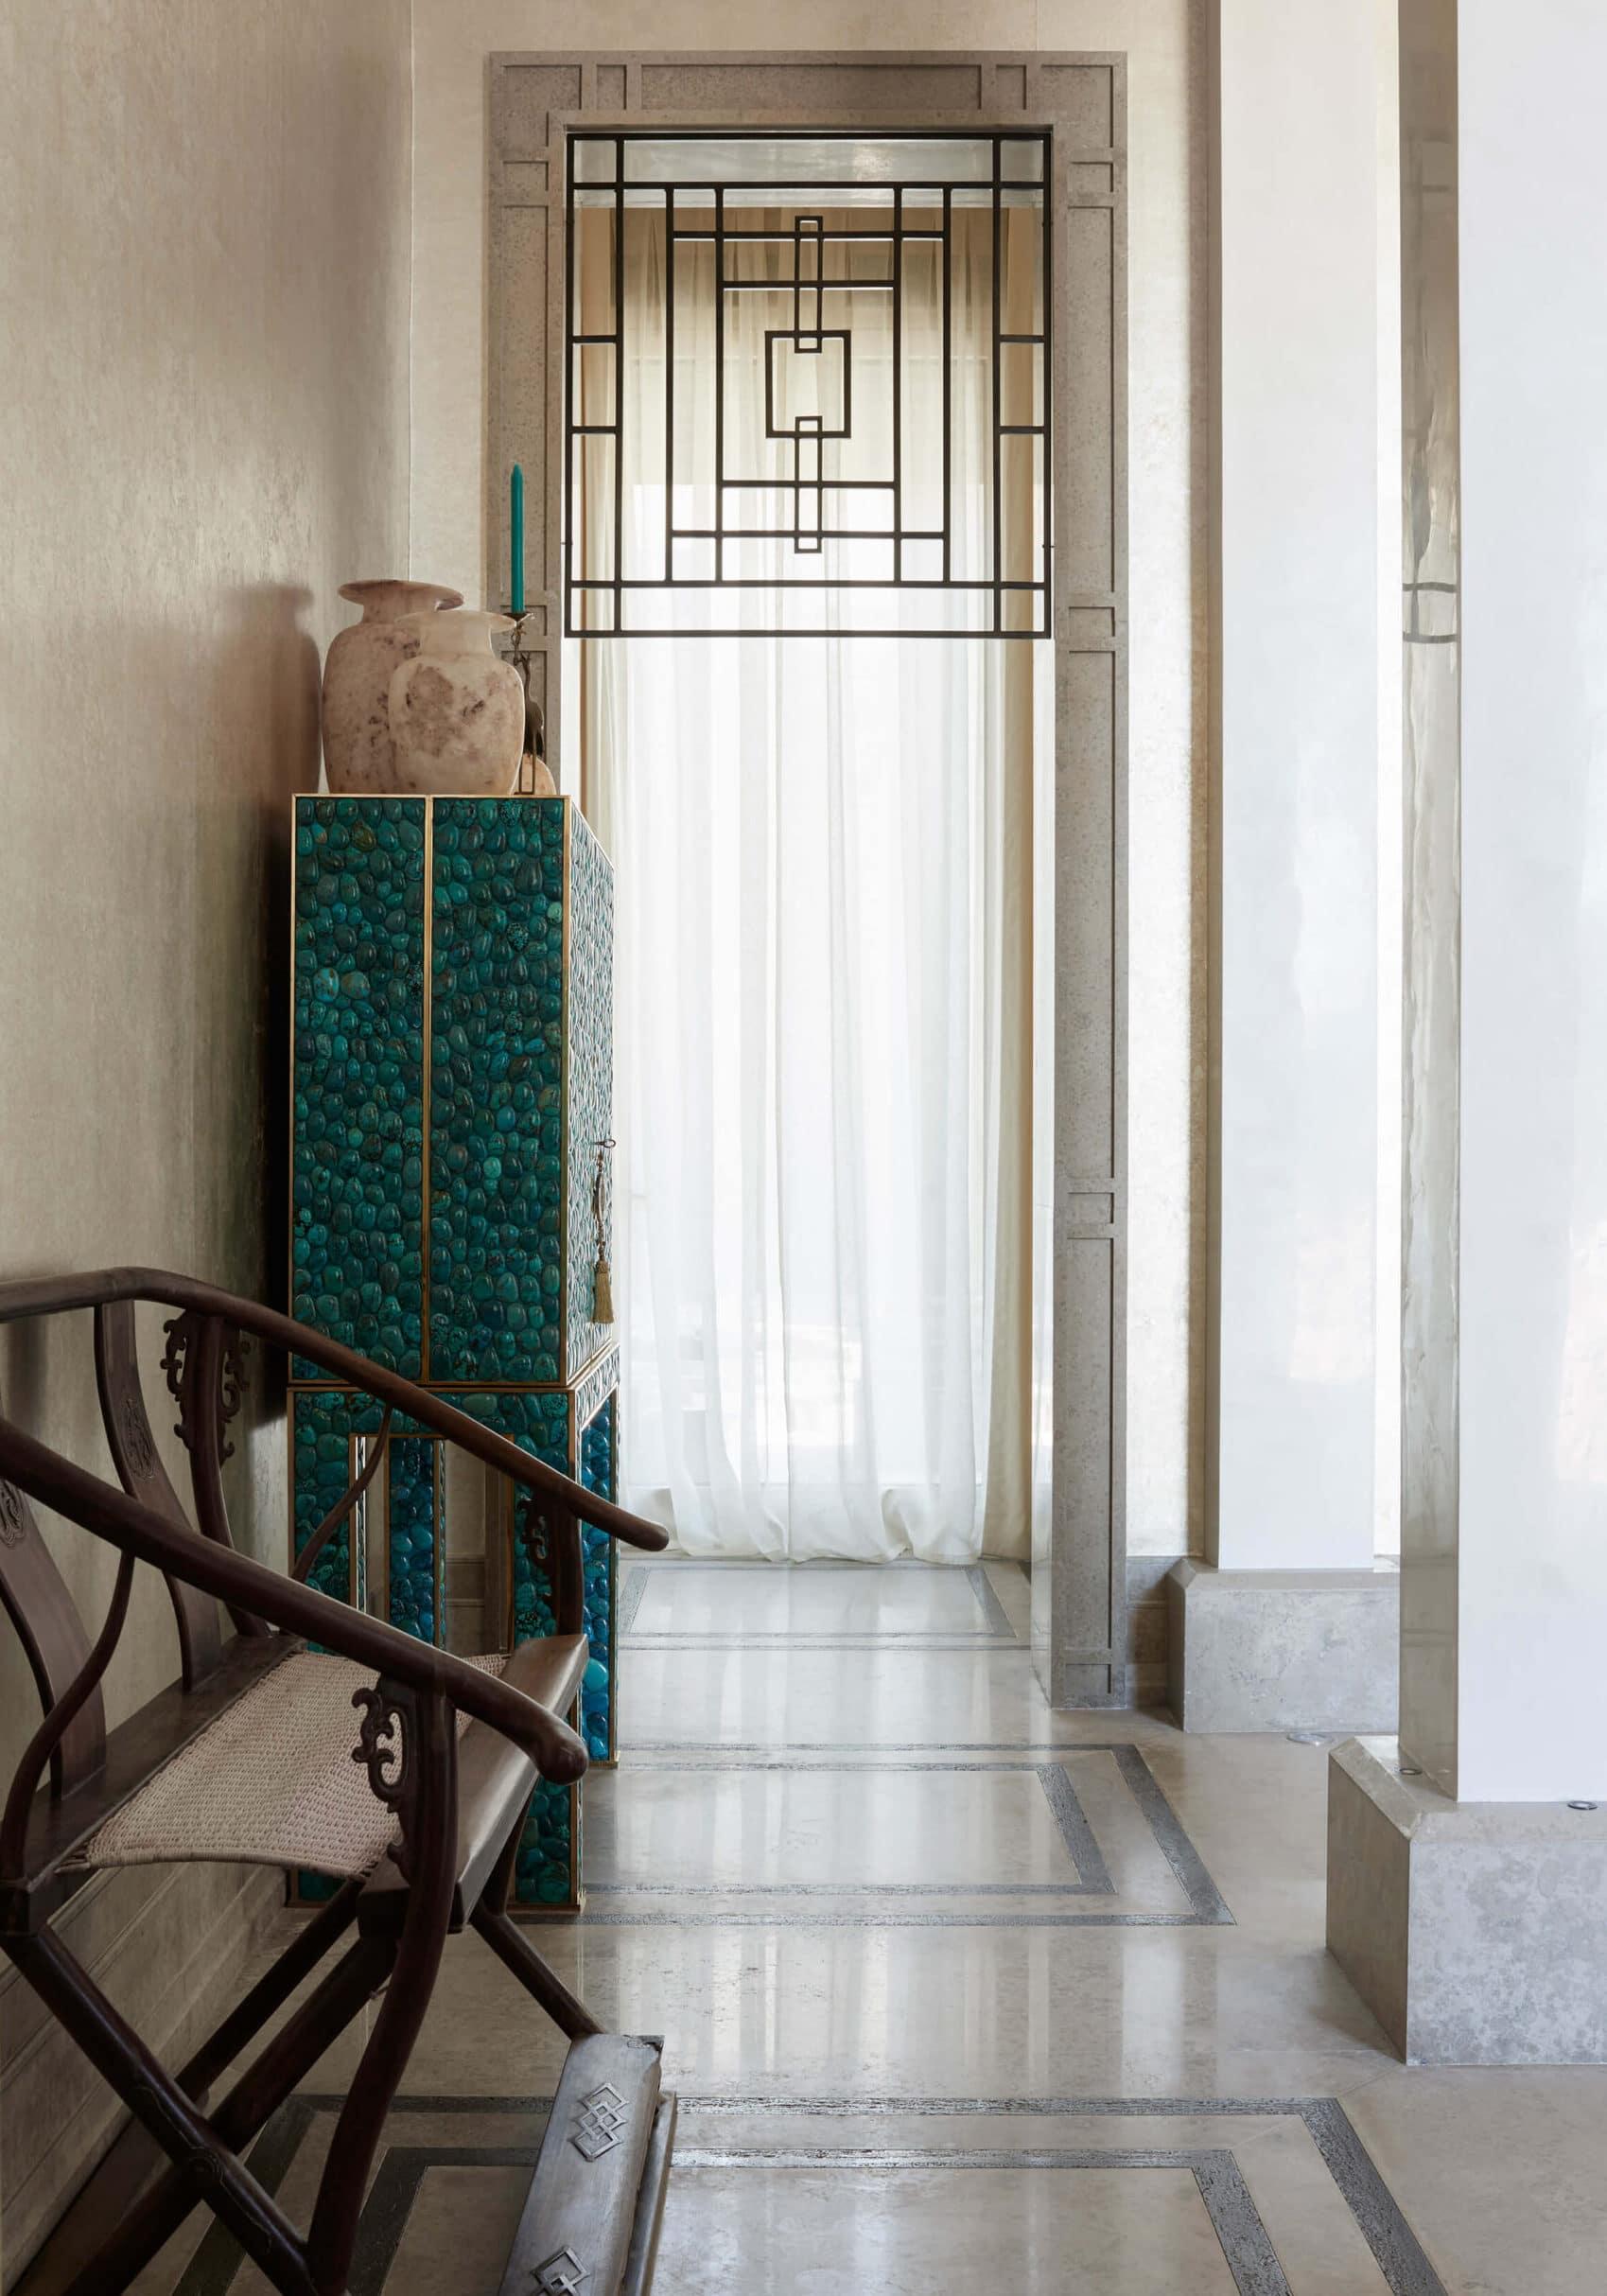 private interior design project for villa in Kuwait